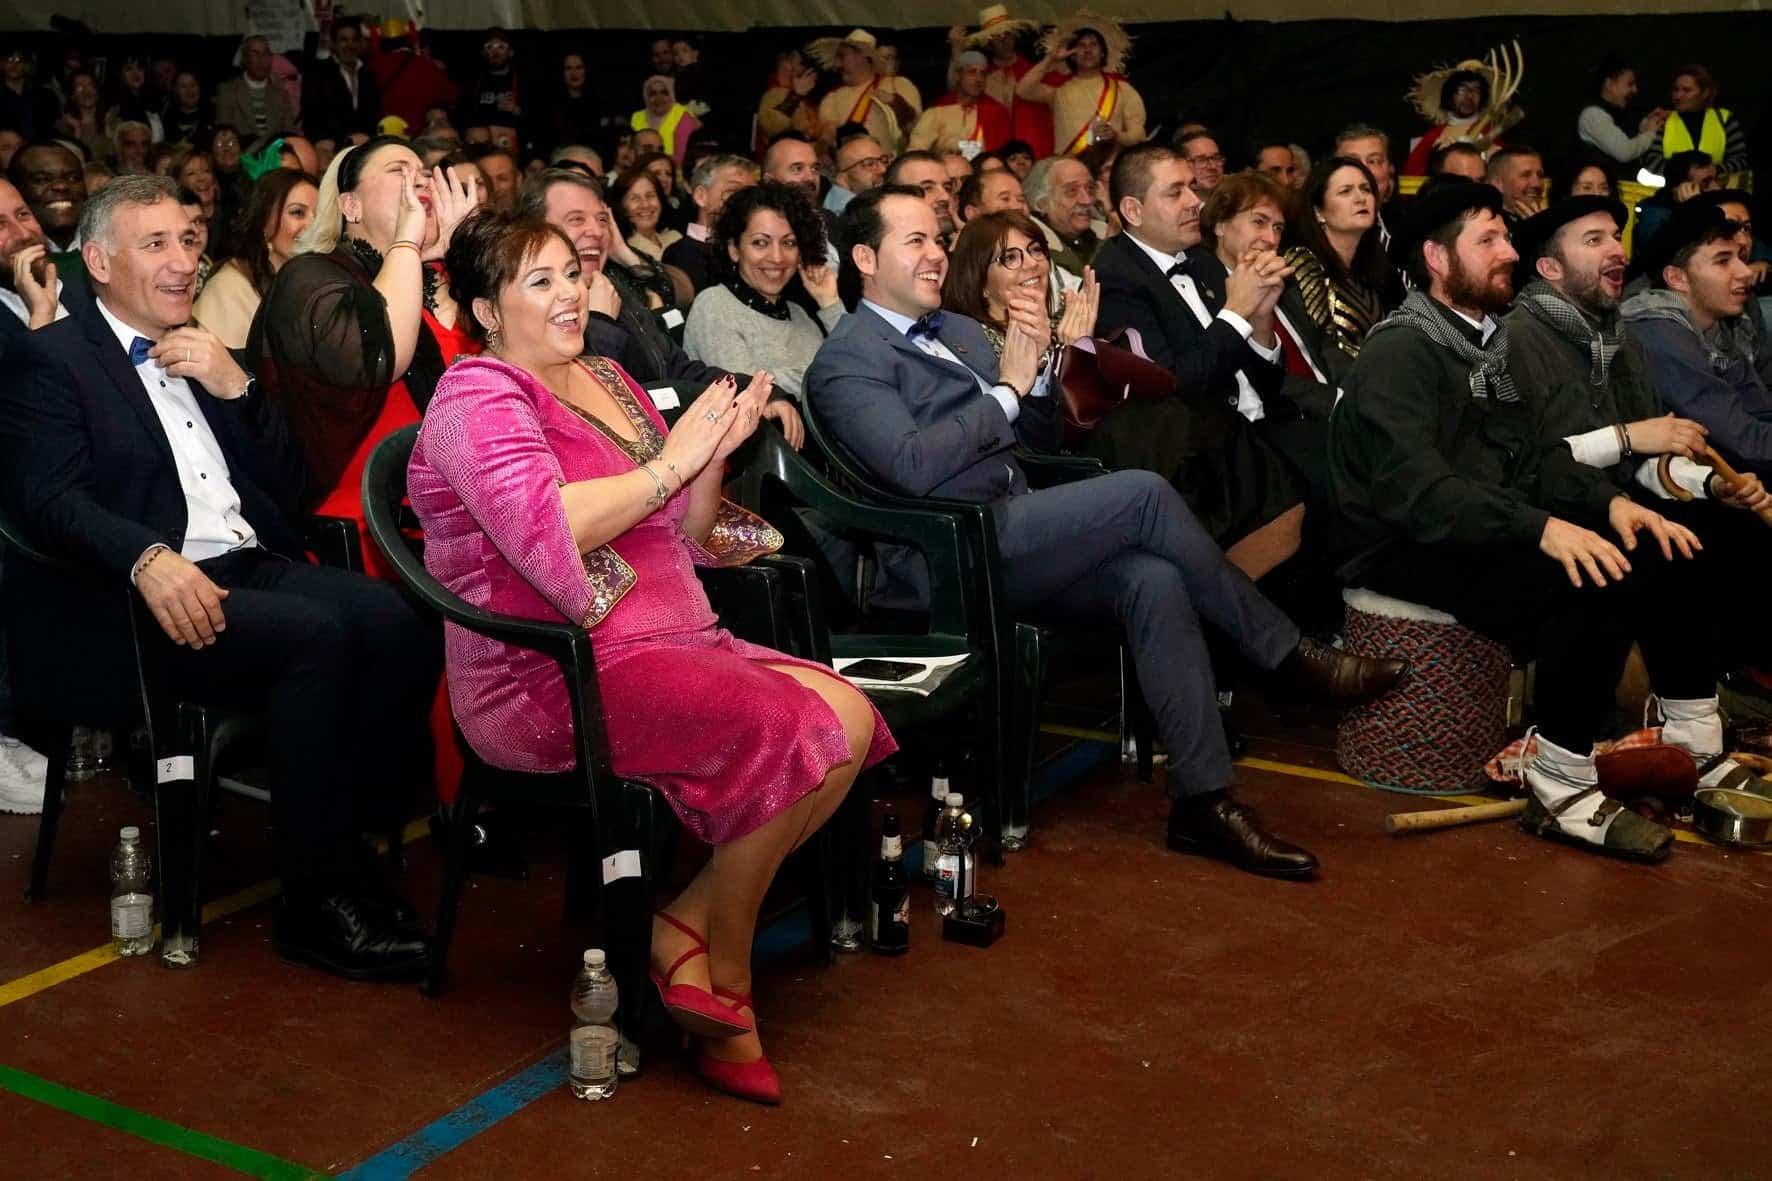 inauguracion carnaval 2020 herencia 46 - Inauguración del Carnaval de Herencia 2020